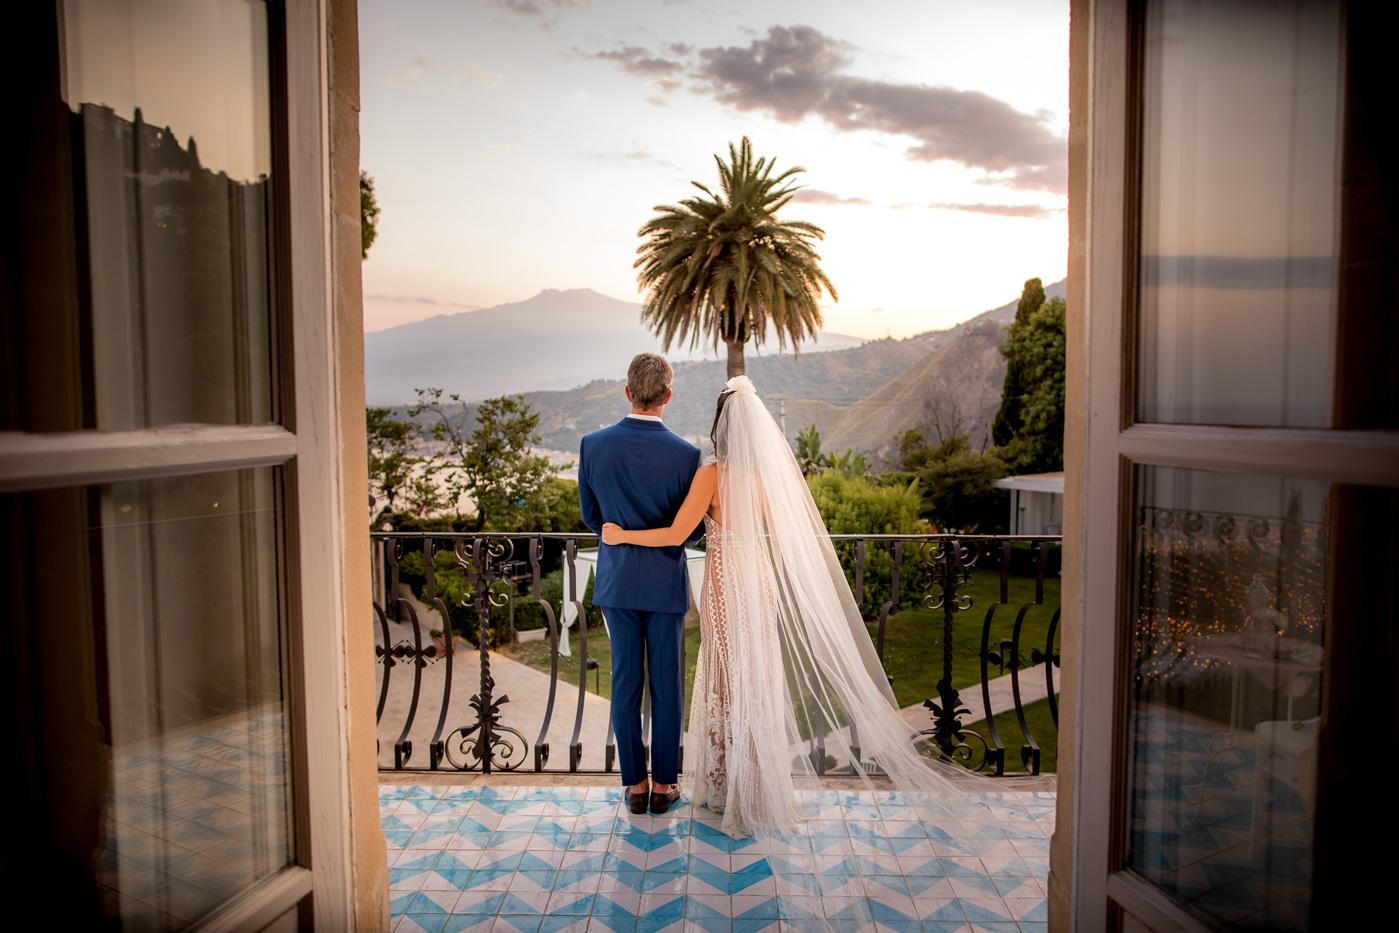 Matrimonio Romantico Villa Mon Repos _taormina_matrimonio_fotografo_foto-sposi-vista-etna